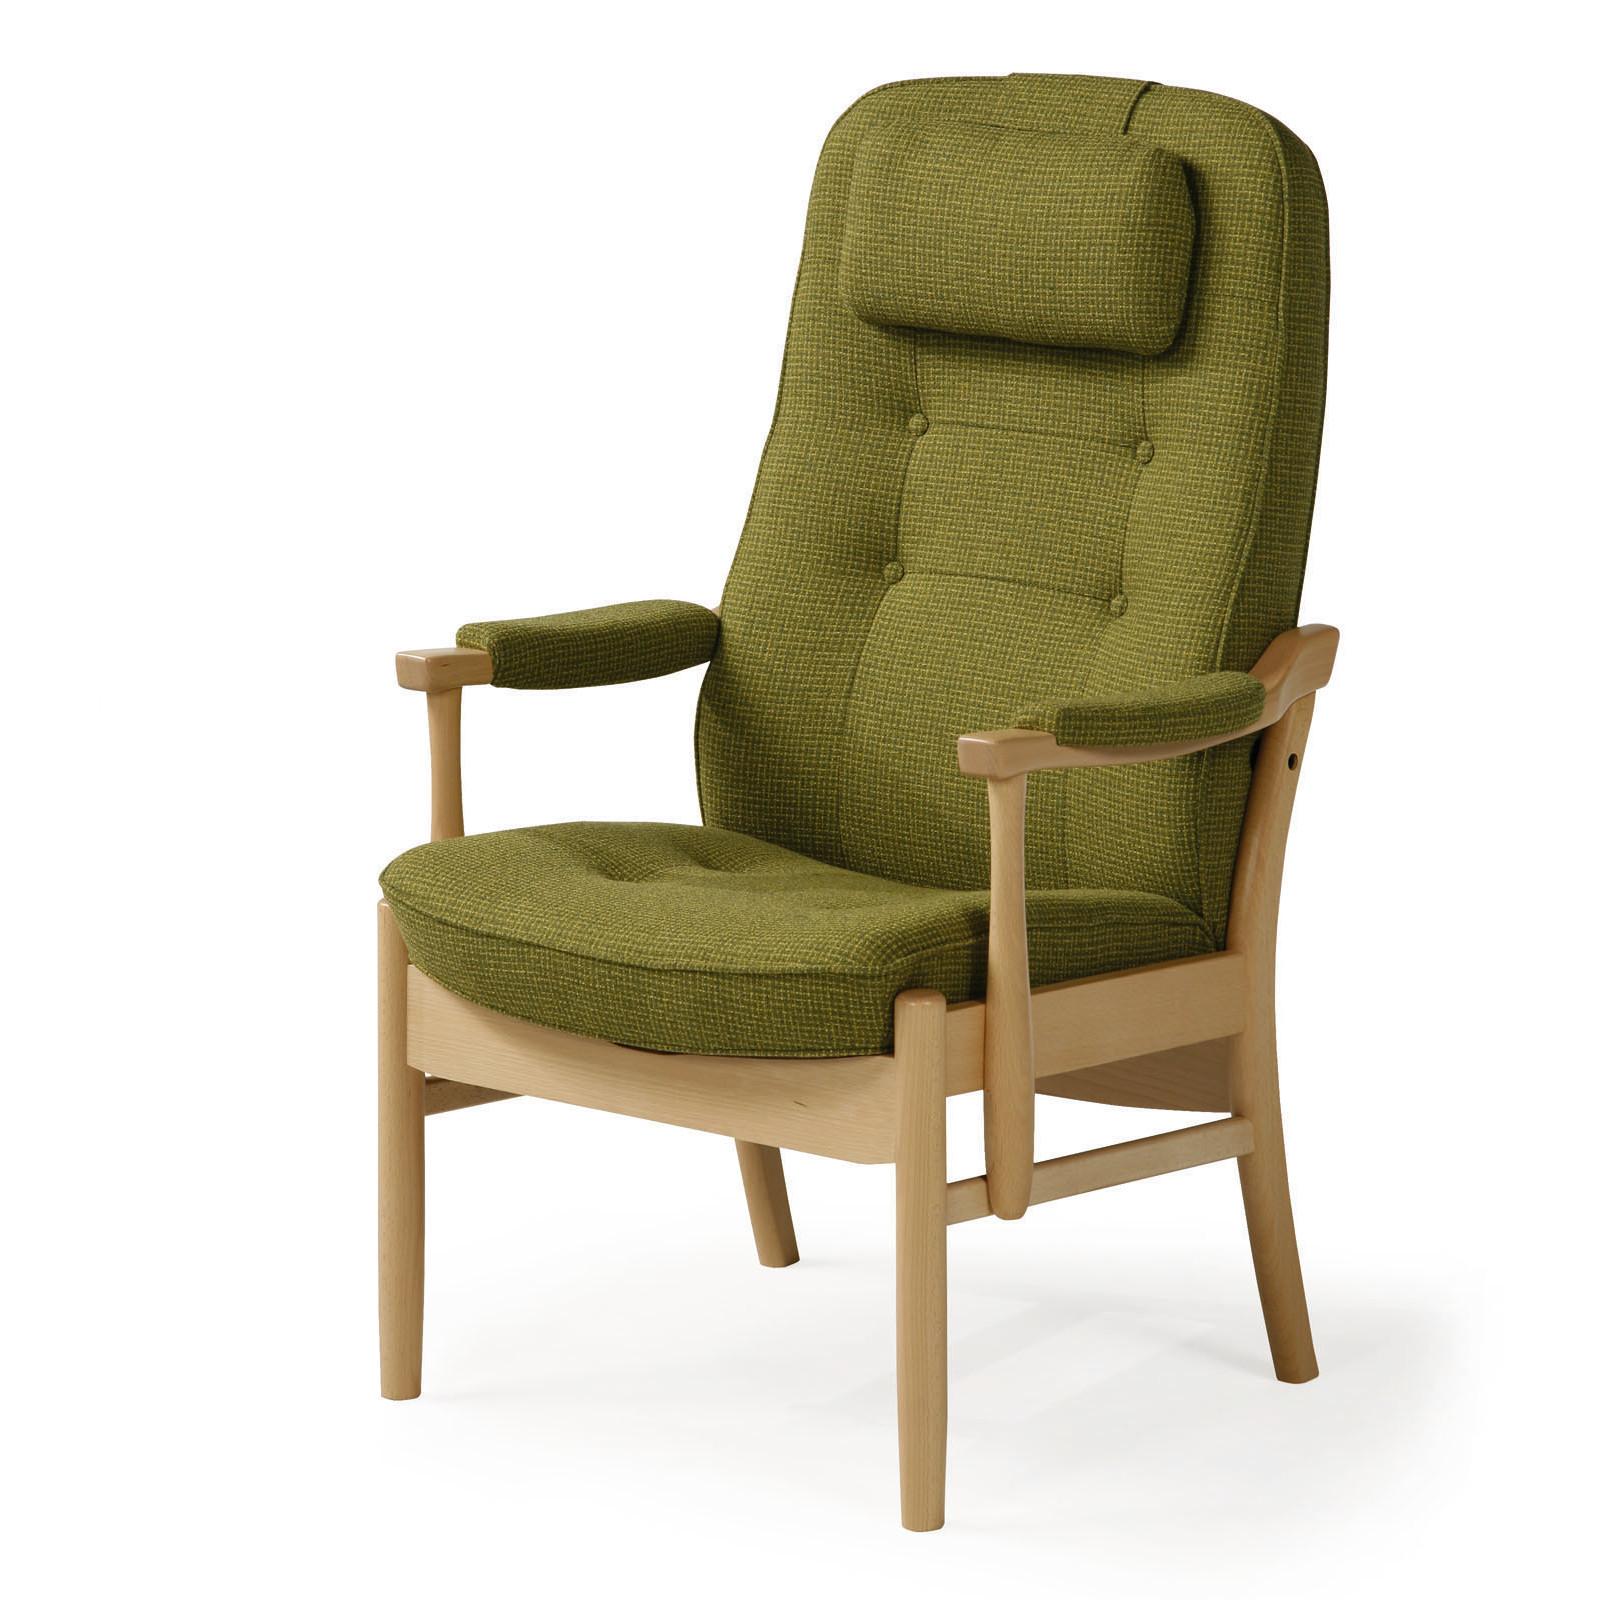 Seniorenstoel farstrup casa comfort op maat zweeds design - Stoel met armleuningen senior ...